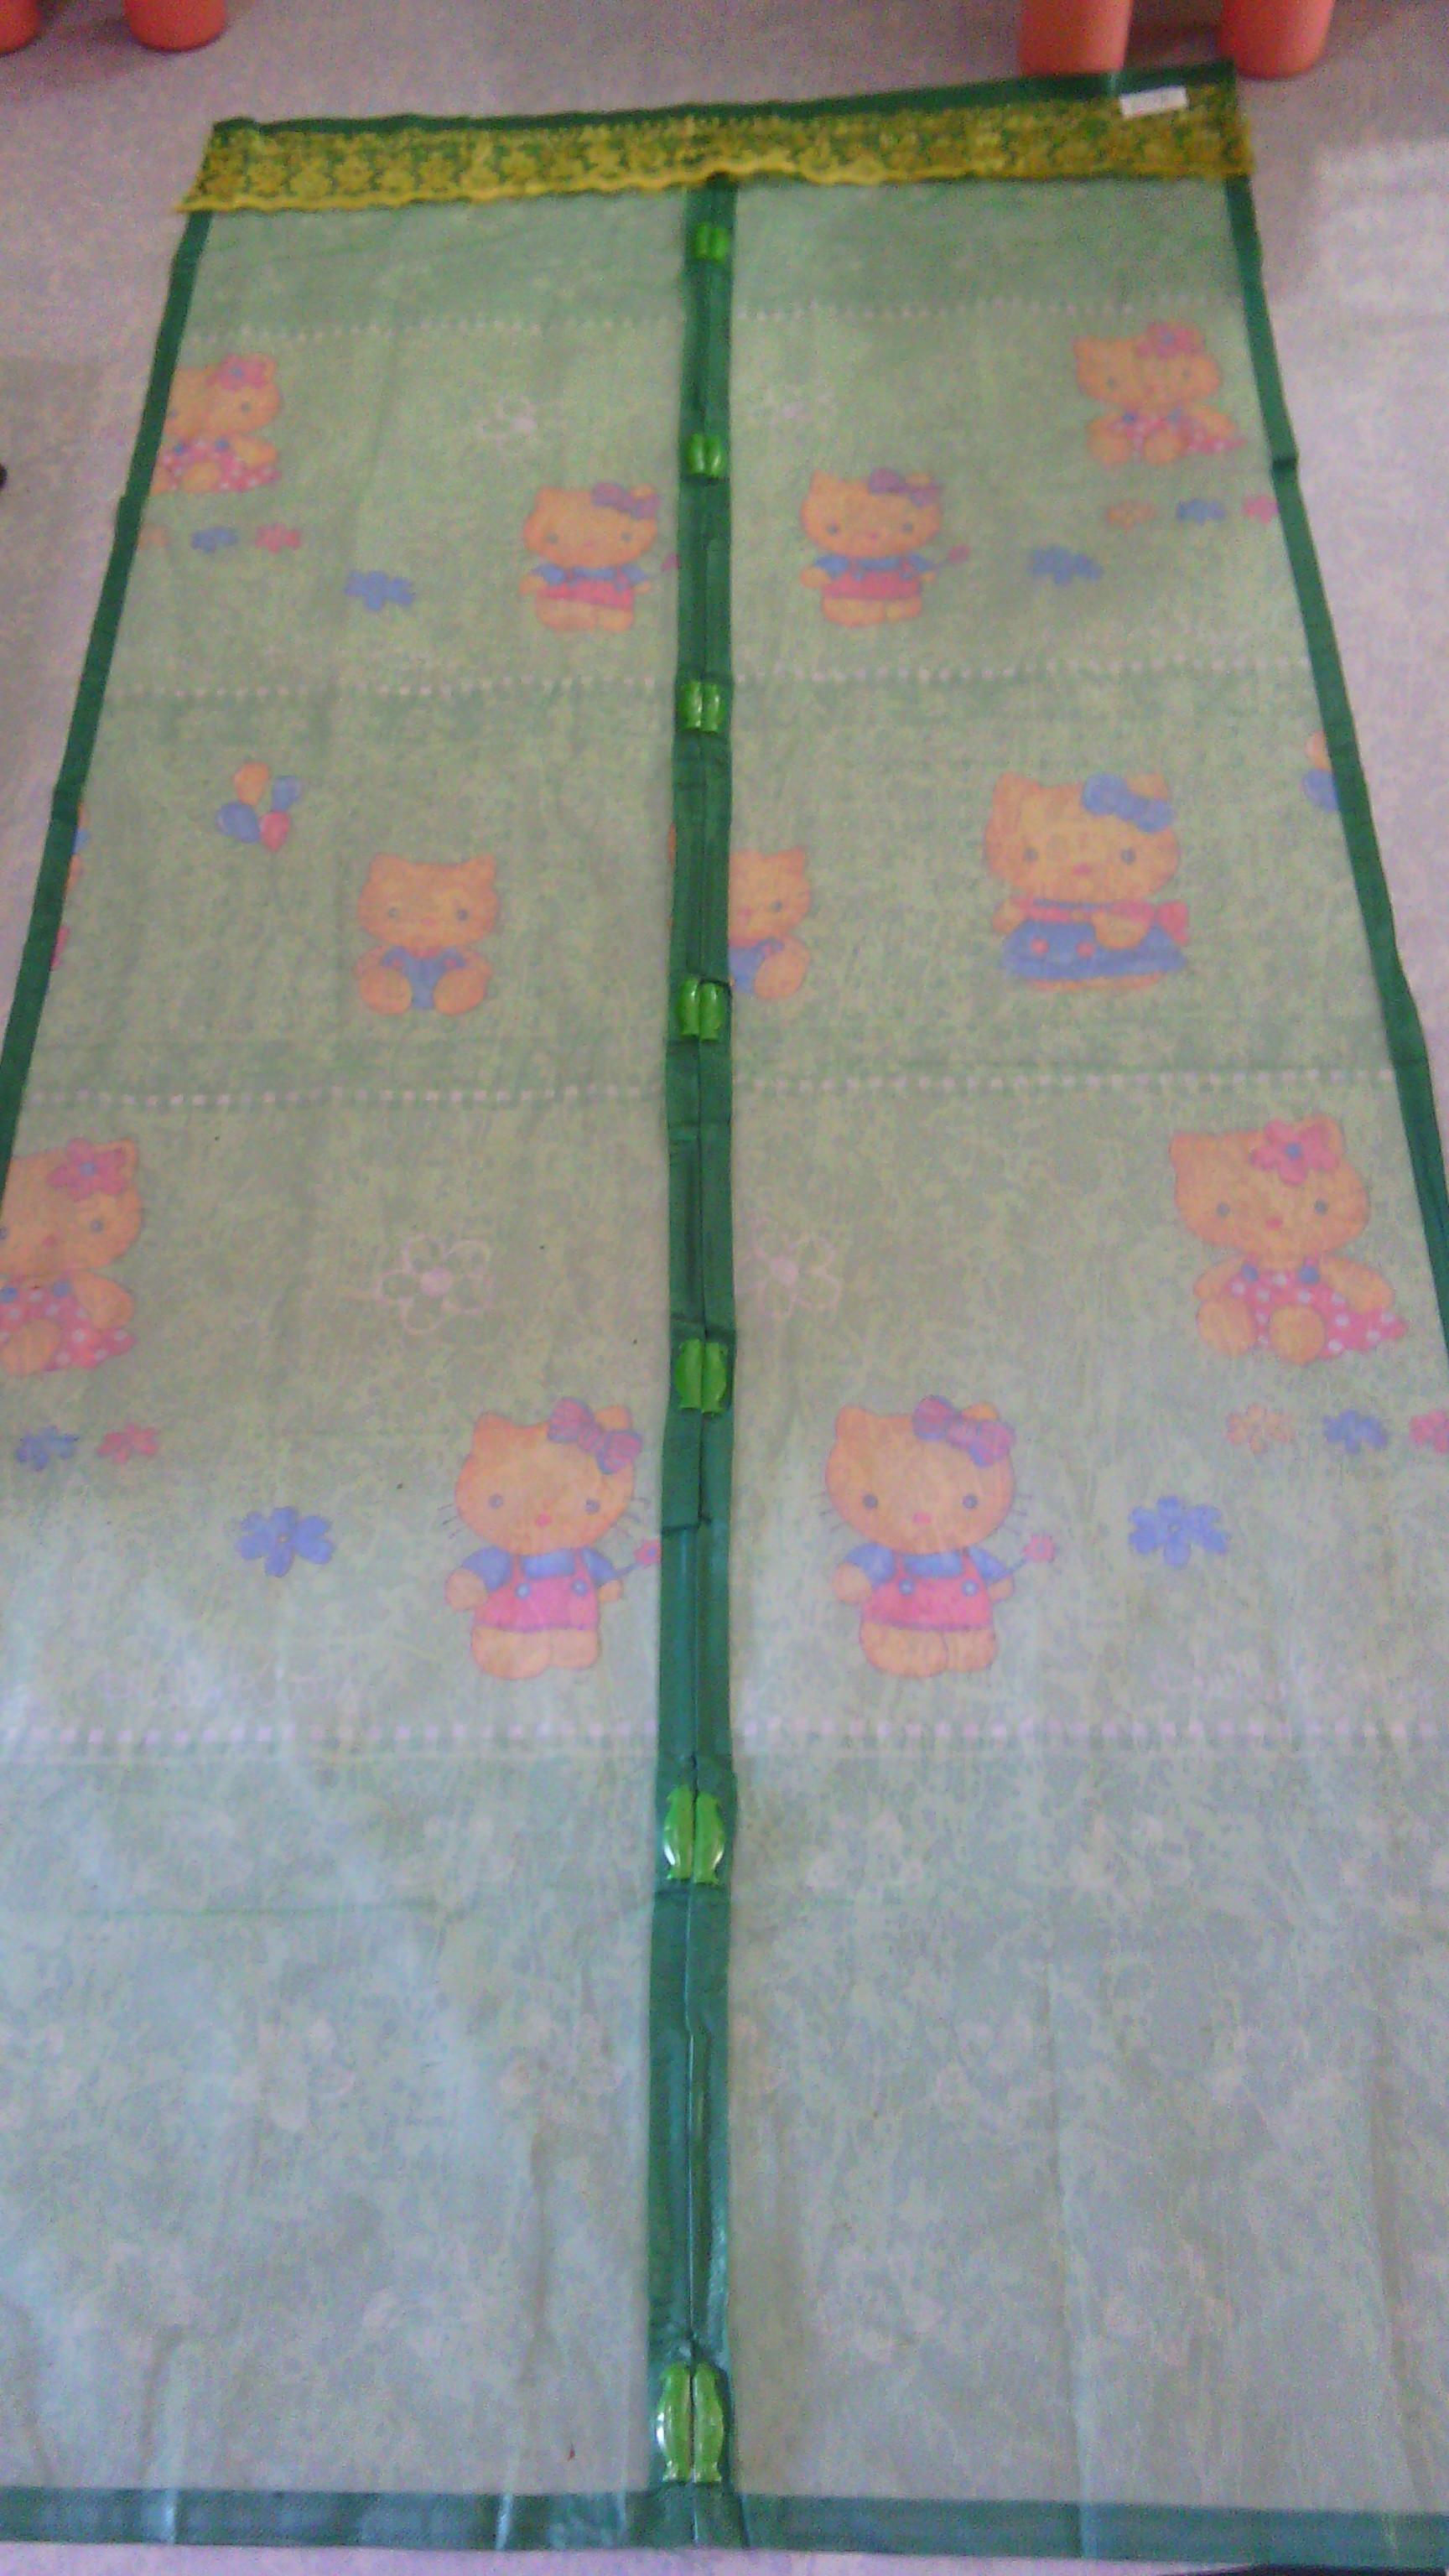 ม่านกันยุงแบบพิมพ์ลาย ไชส์ 100 สีเขียวเปลือกมะนาว/คิตตี้